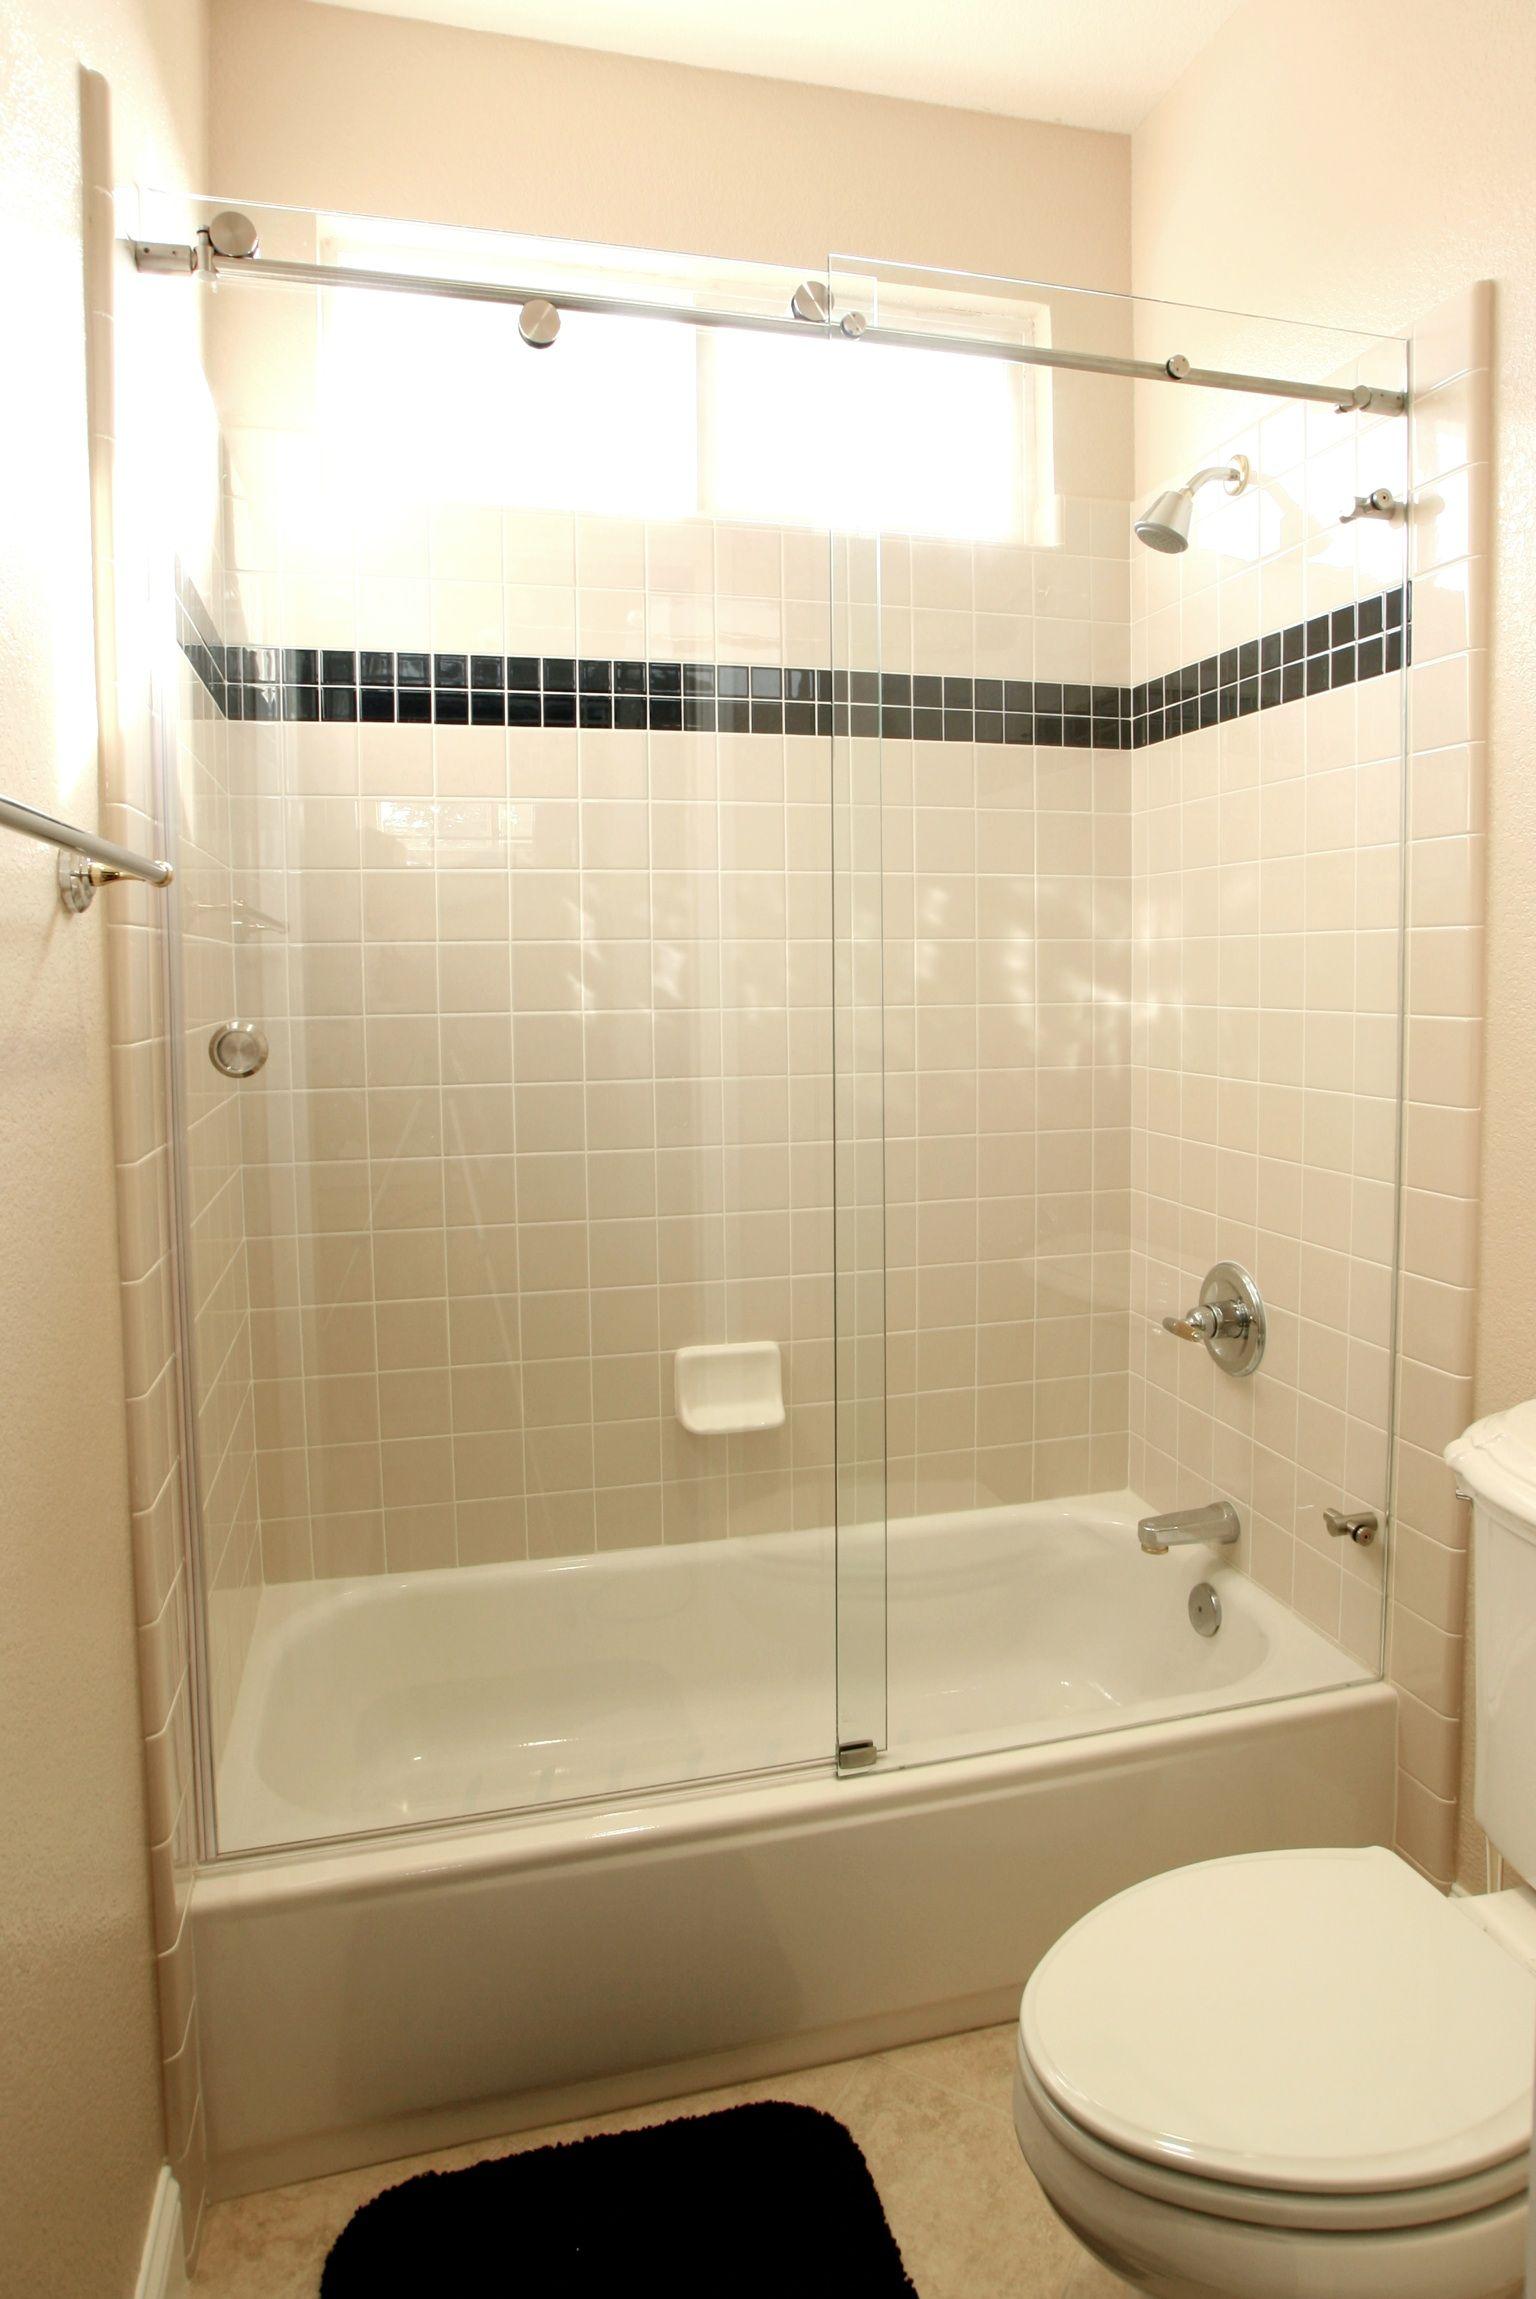 1000 ideas about bathtub doors on pinterest bath shower shower. Bathtub Glass Shower Door  bathtub glass door or curtain bathtub